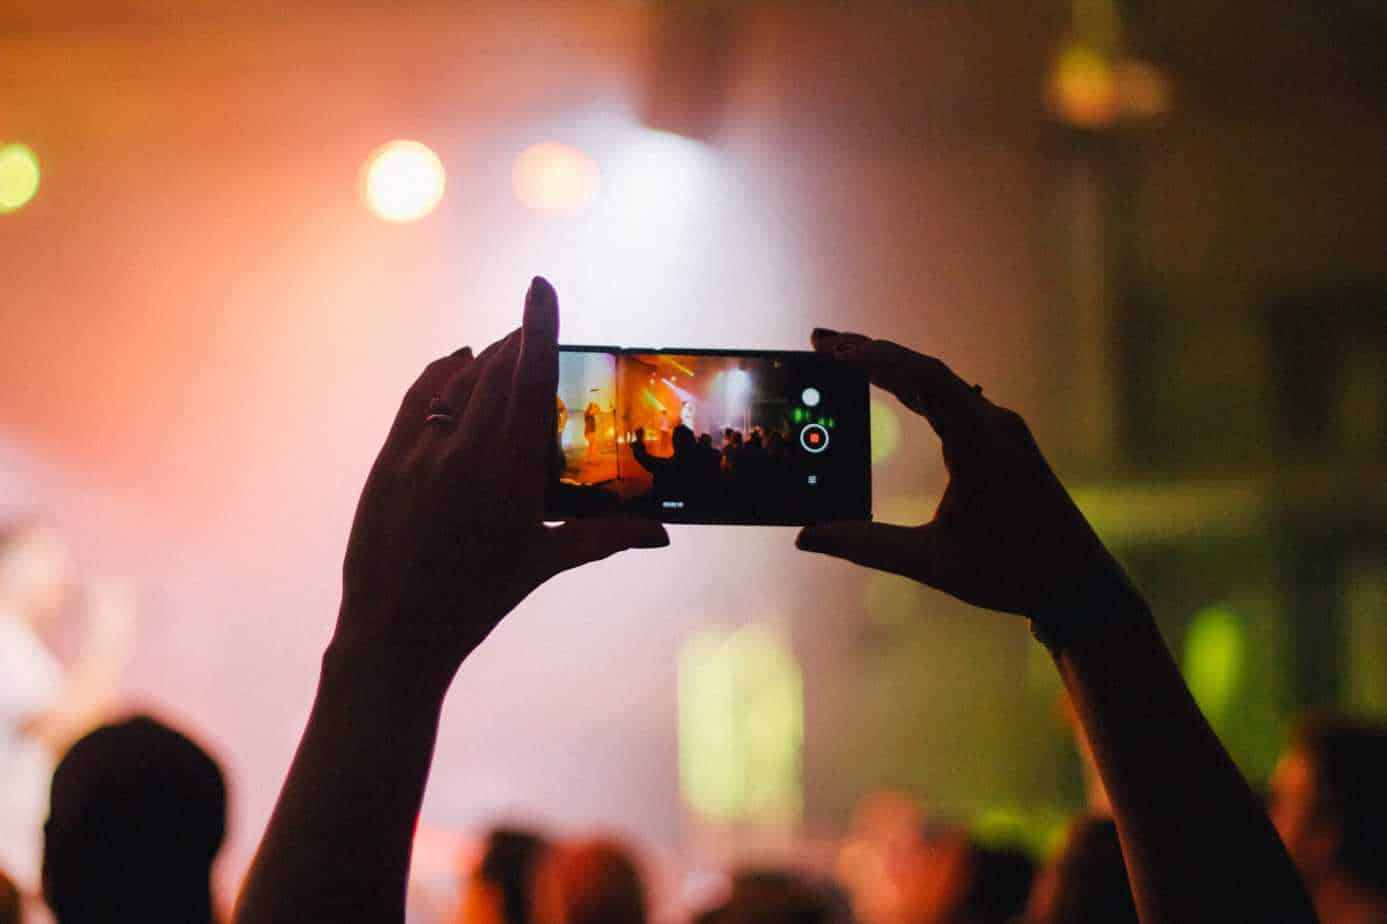 Sharing event in social media